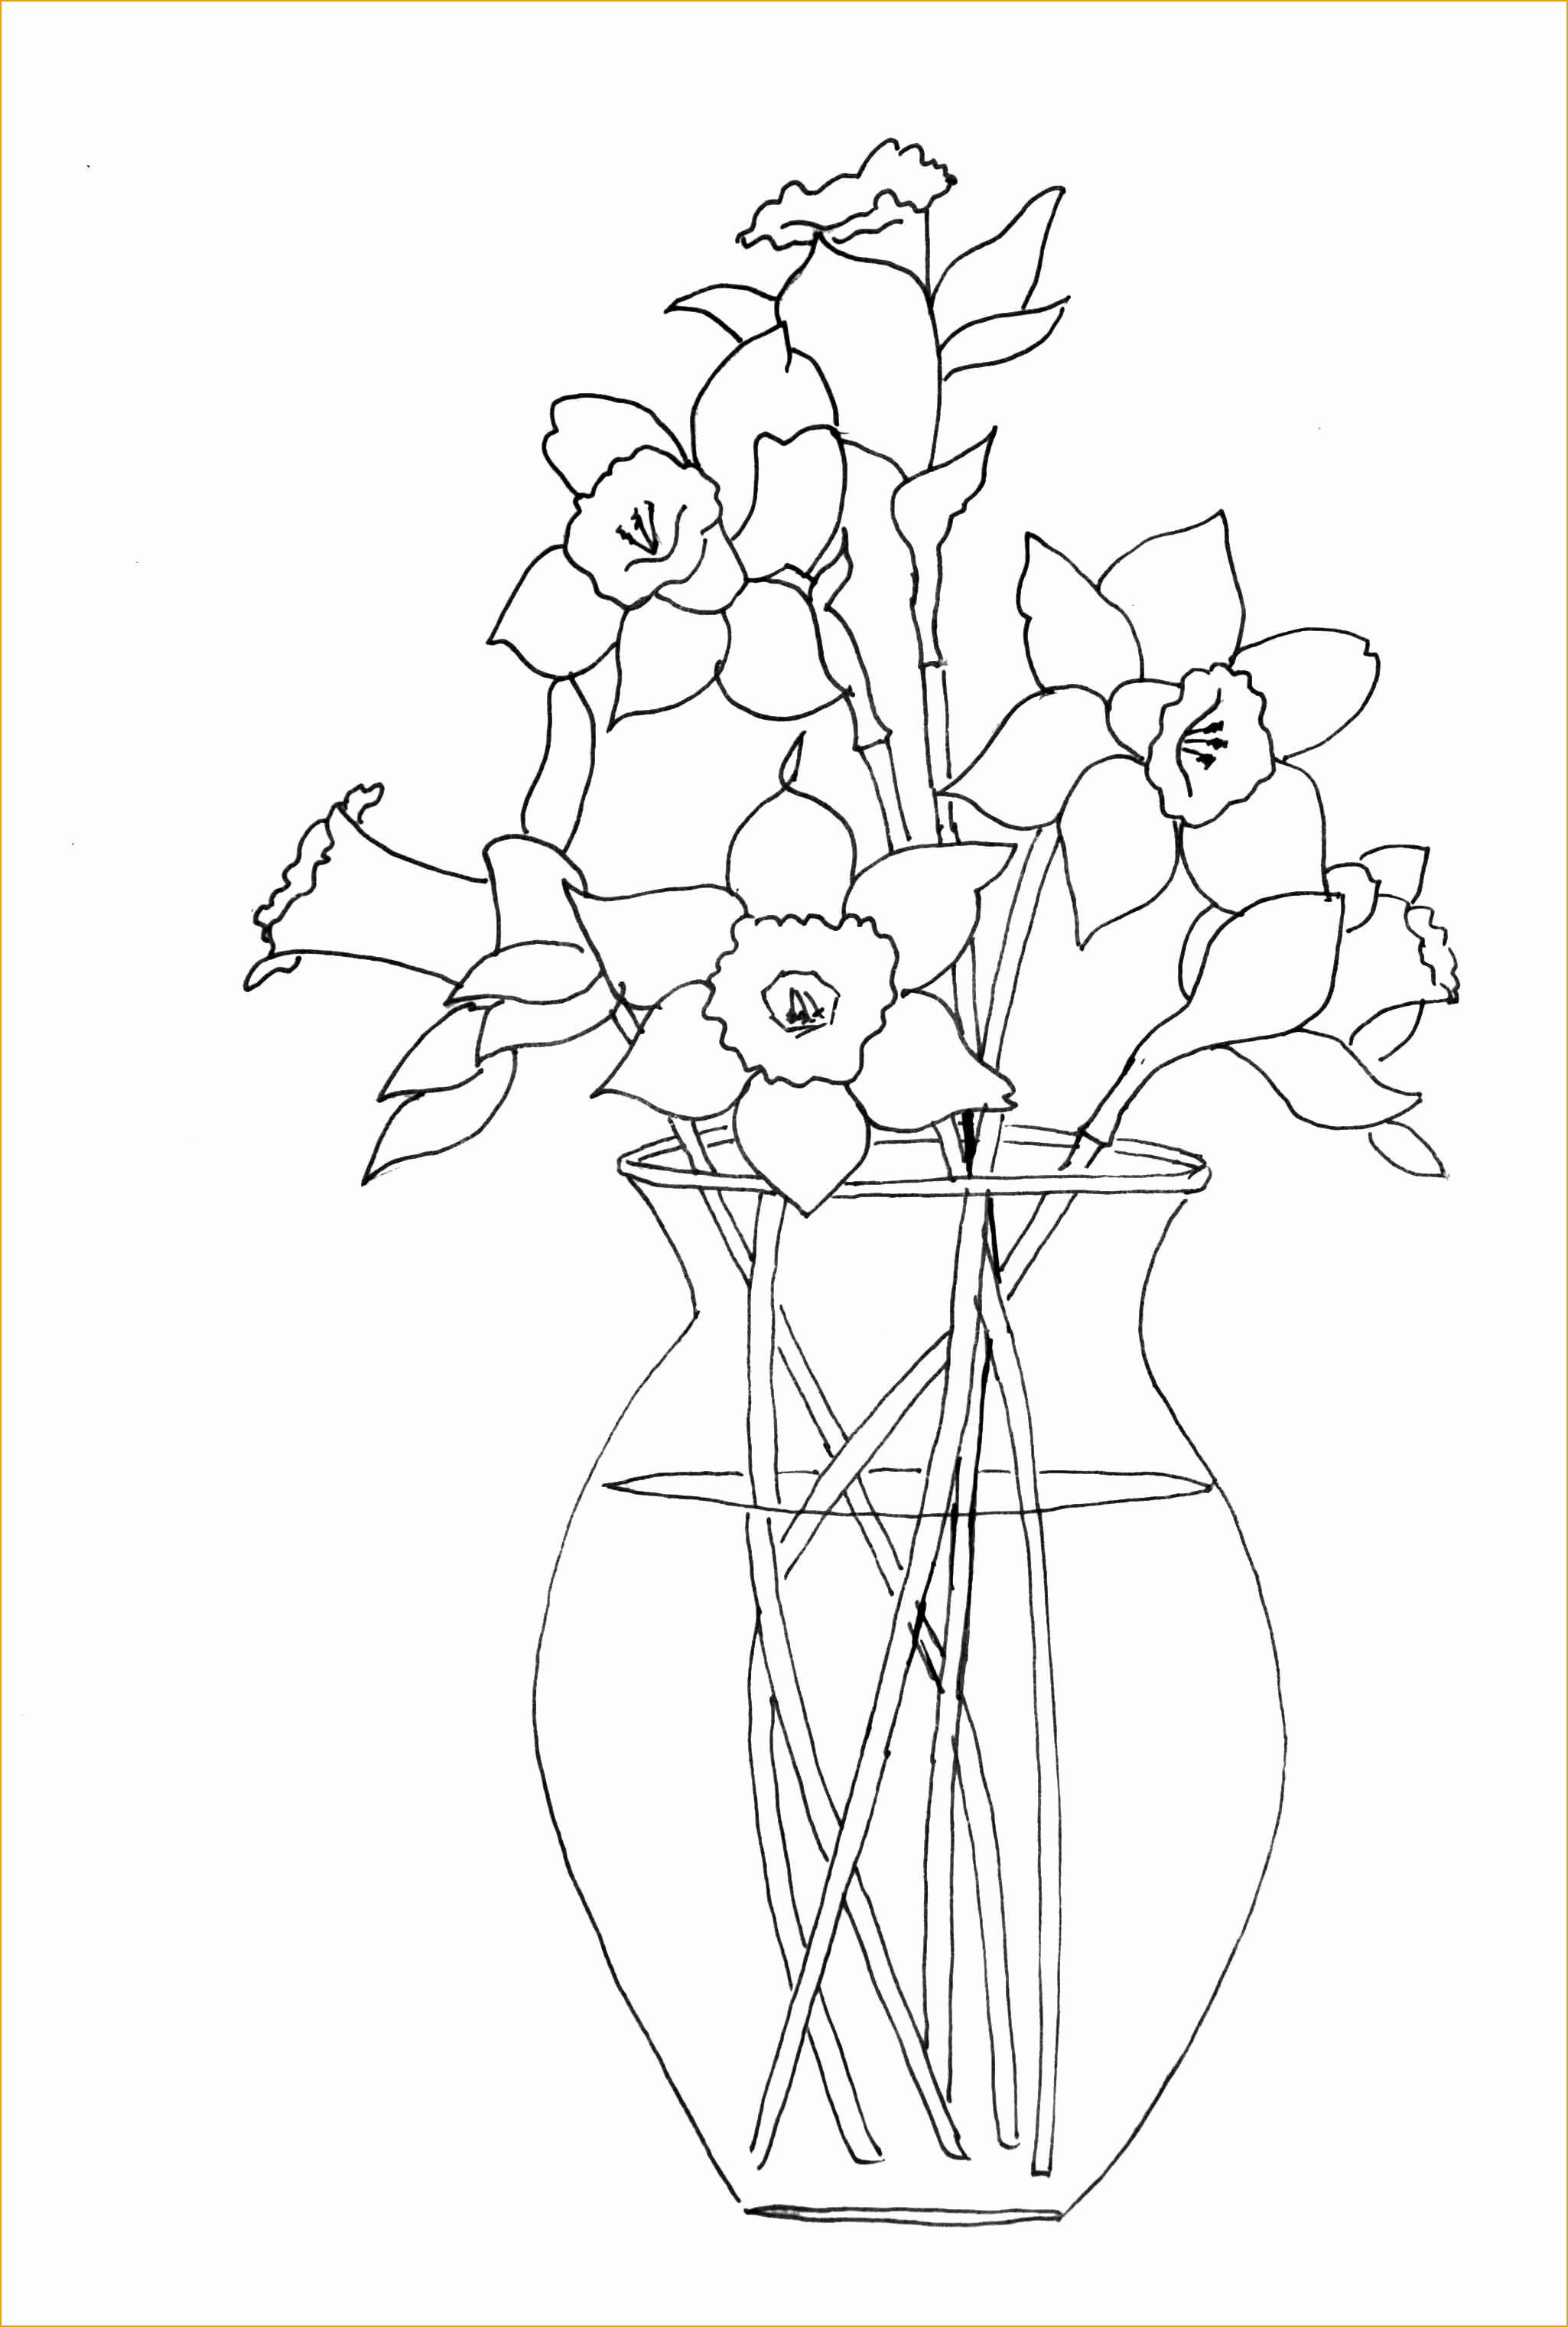 Tranh tô màu lọ hoa đơn giản